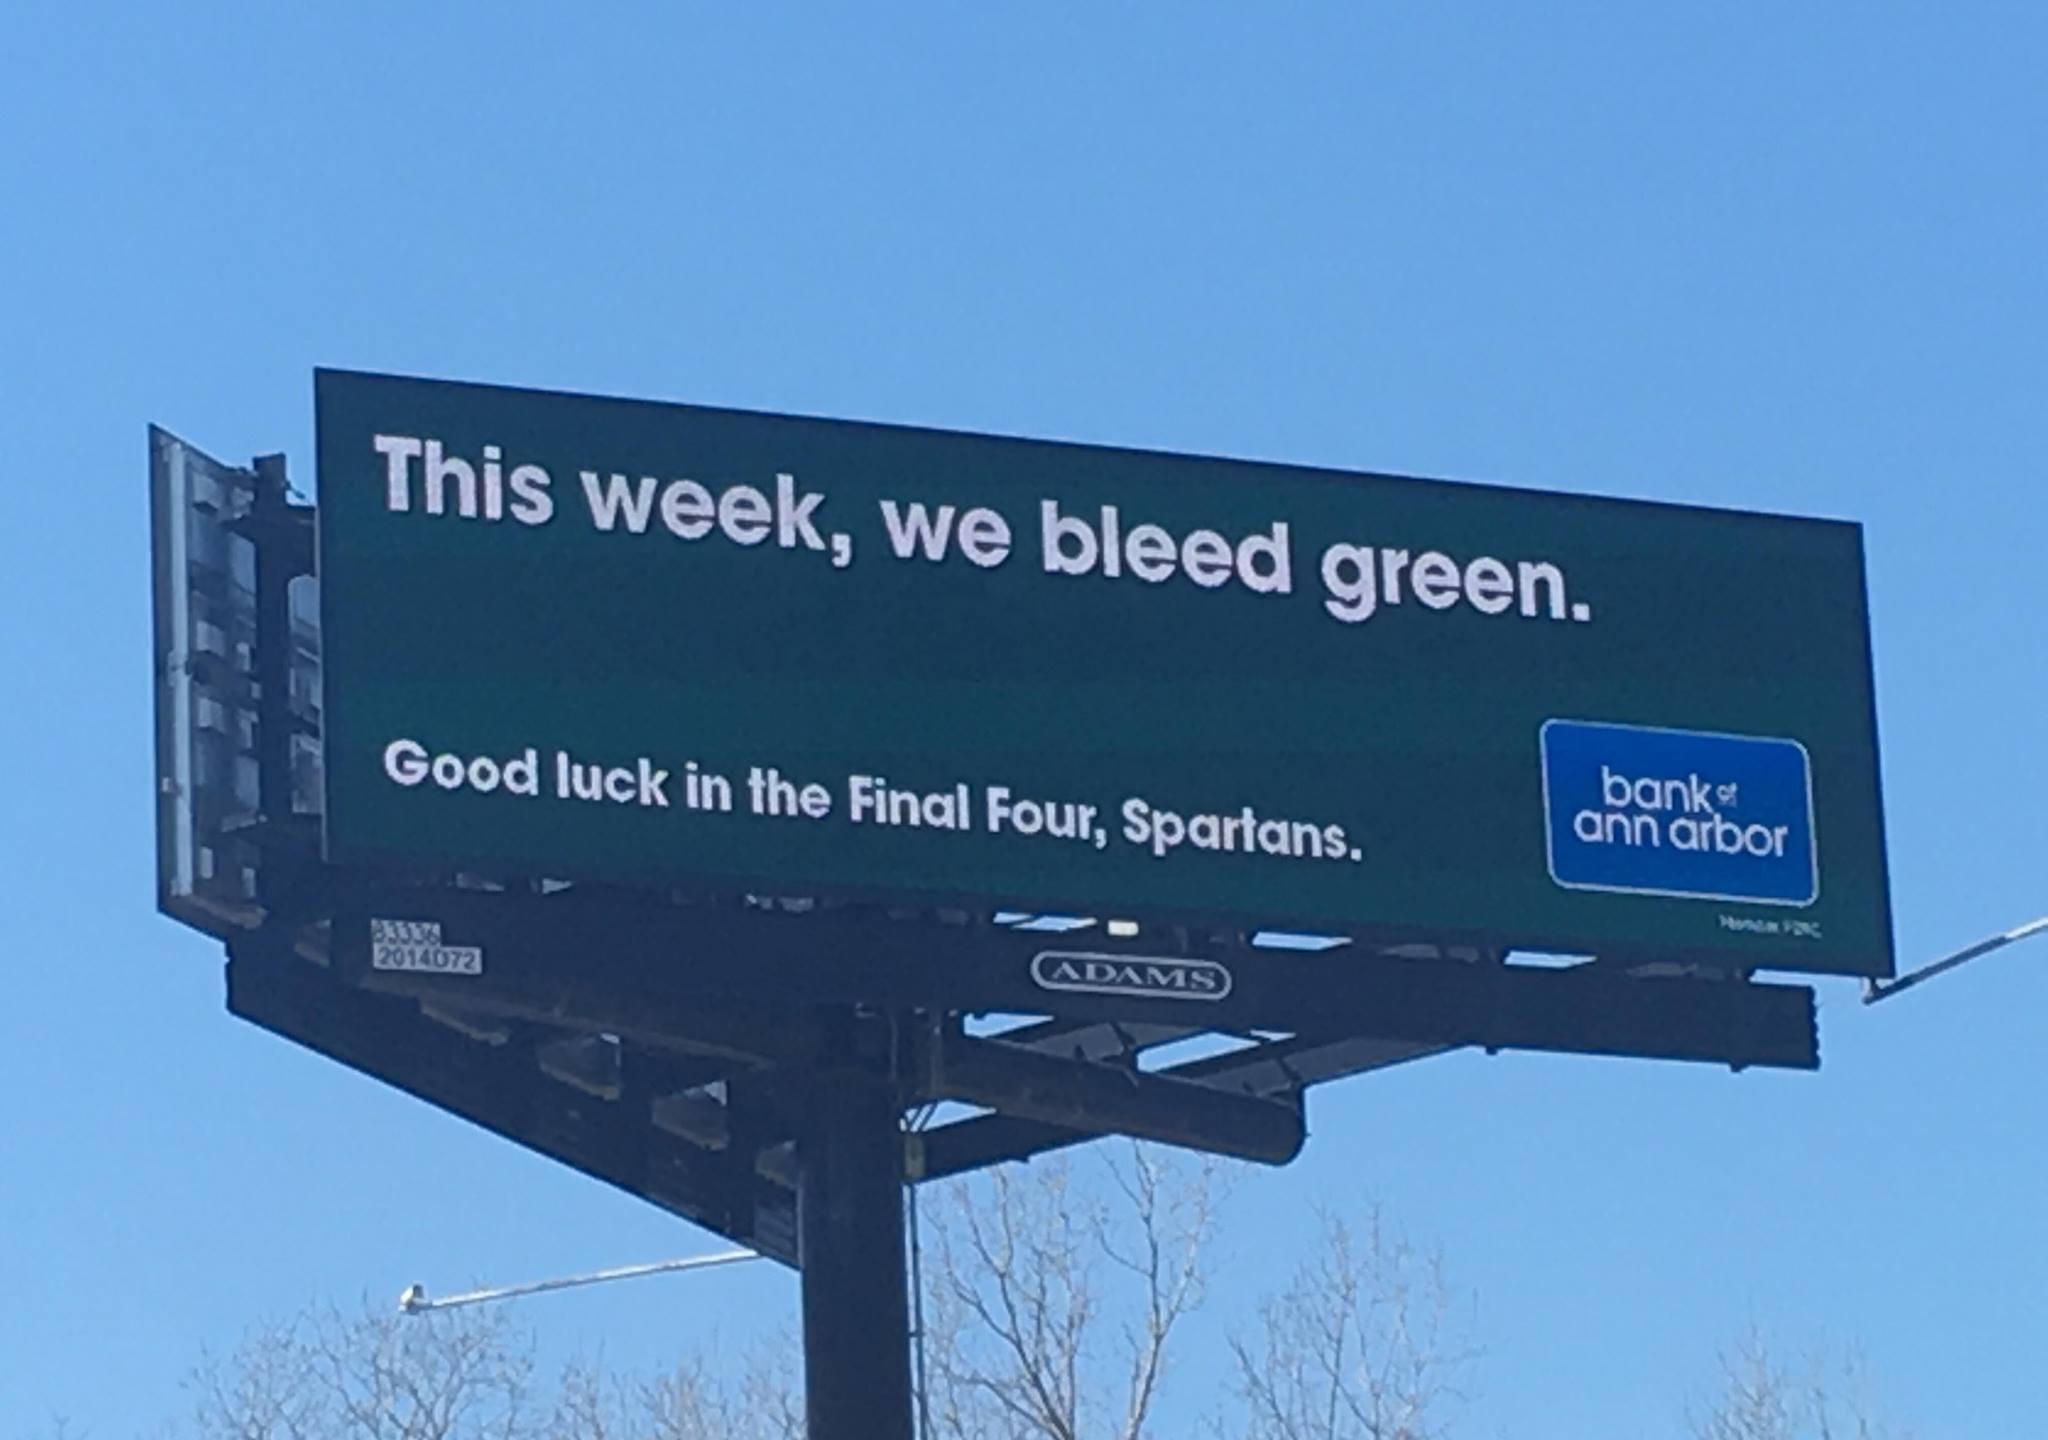 Bank of Ann Arbor This Week We Bleed Green Spartan support billboard_1554423382709.jpg.jpg